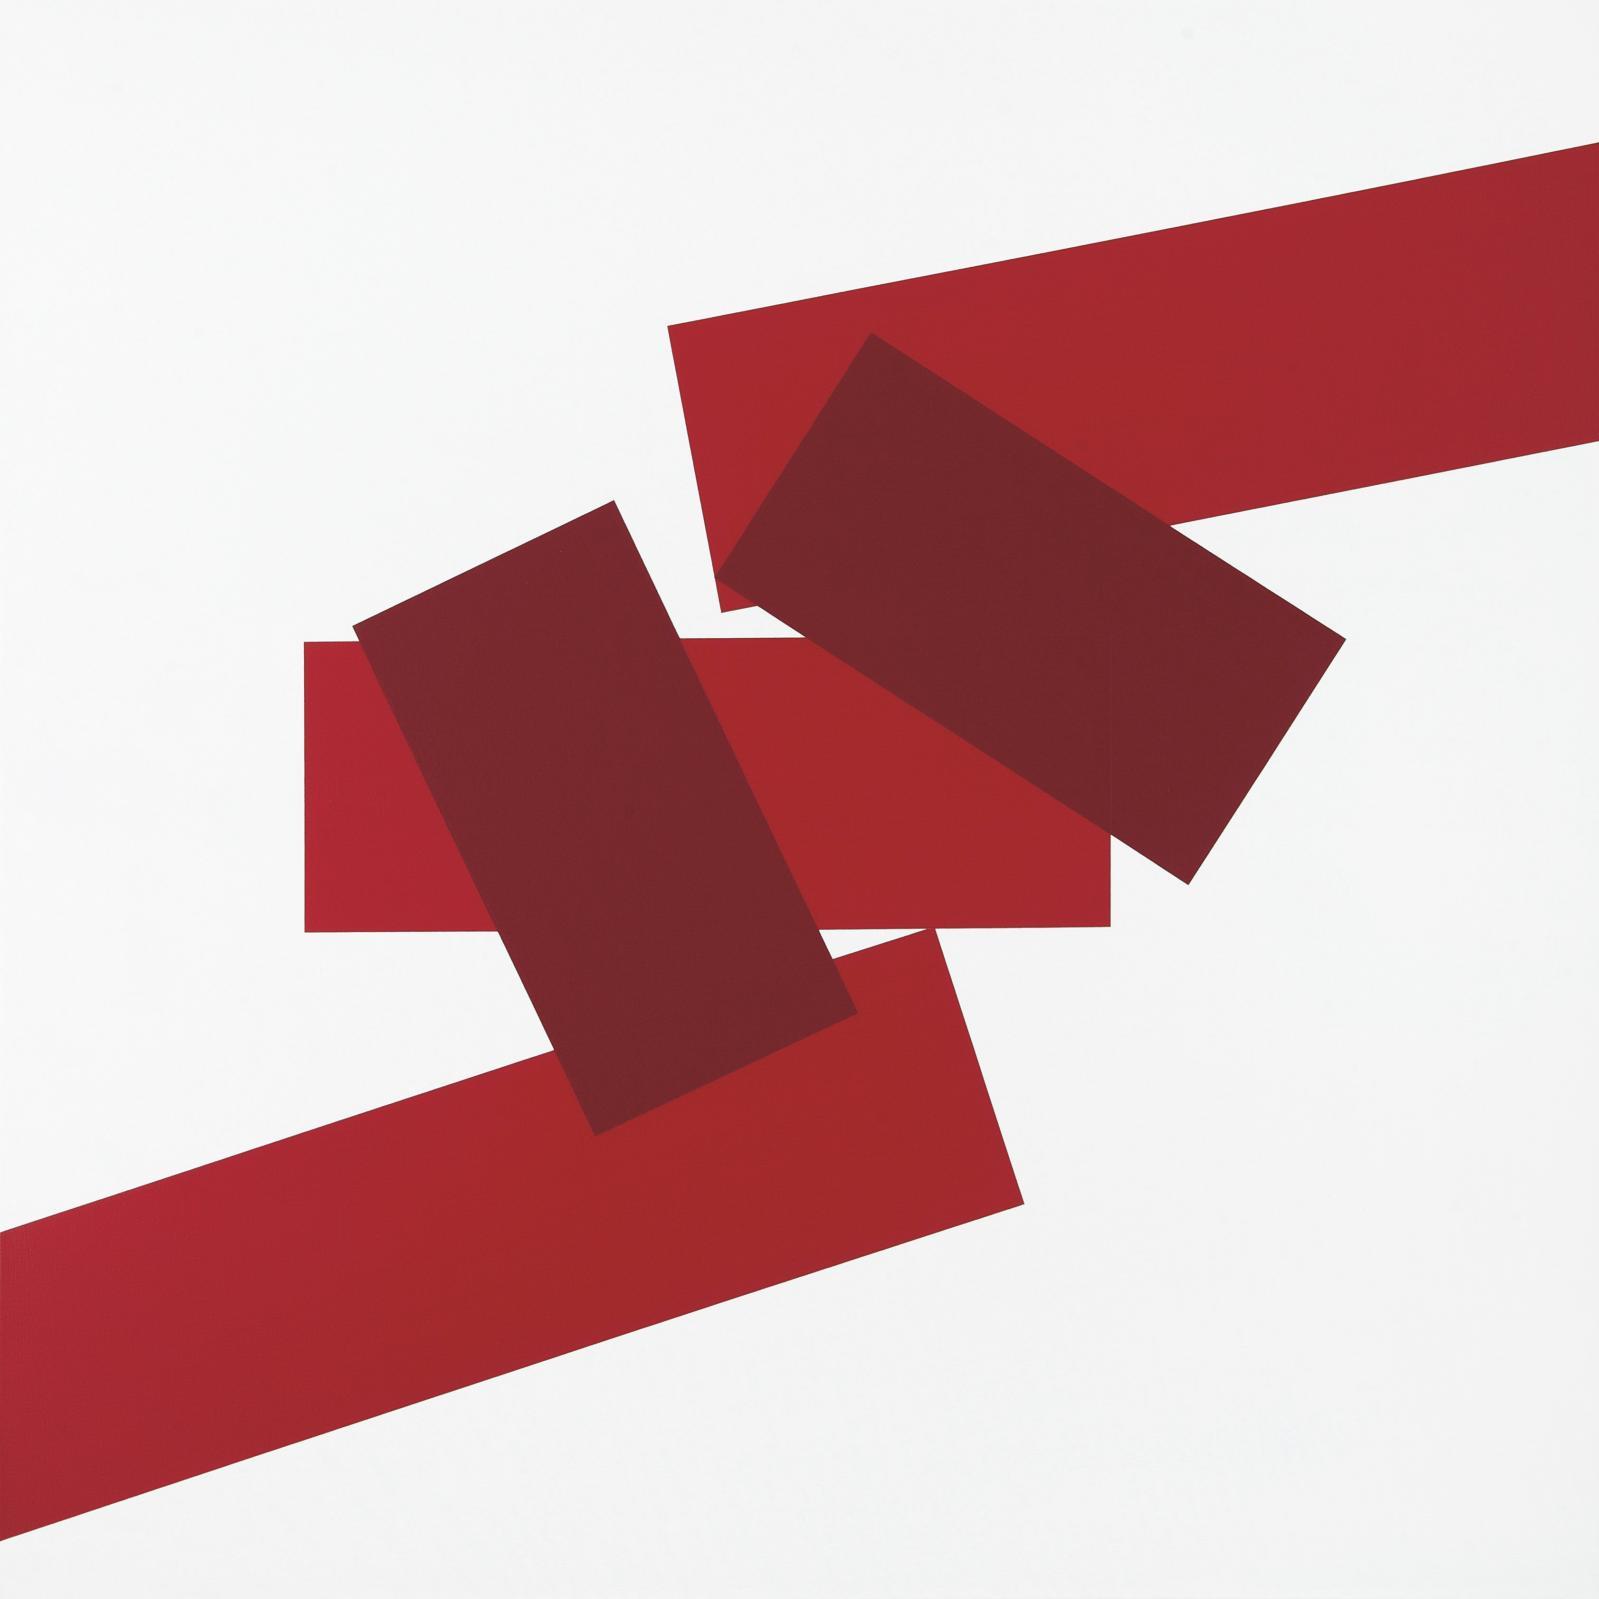 Véra Molnar,A 5 rectangles 2 rouges, 2007,peinture sur toile, 100x100cm.